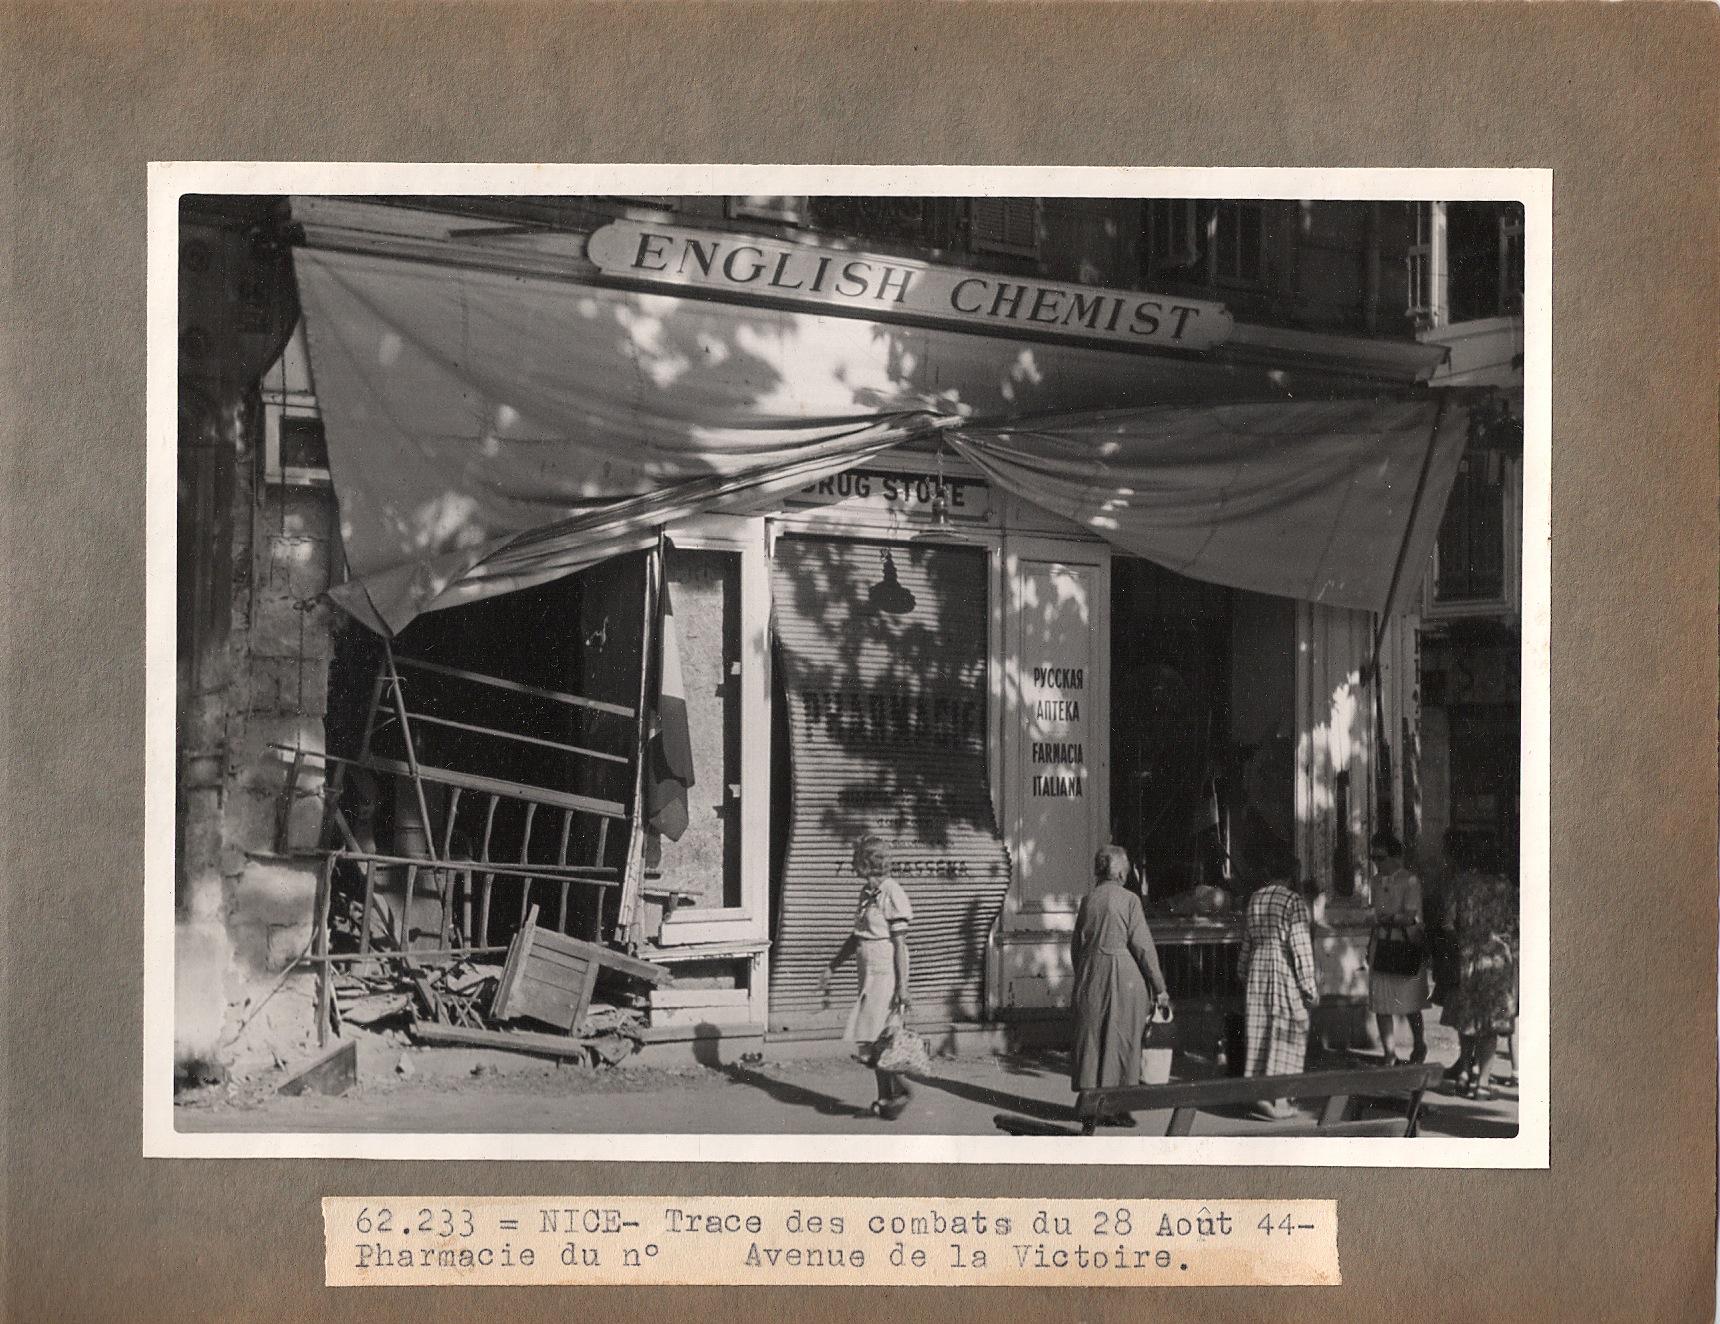 NICE 1944 66